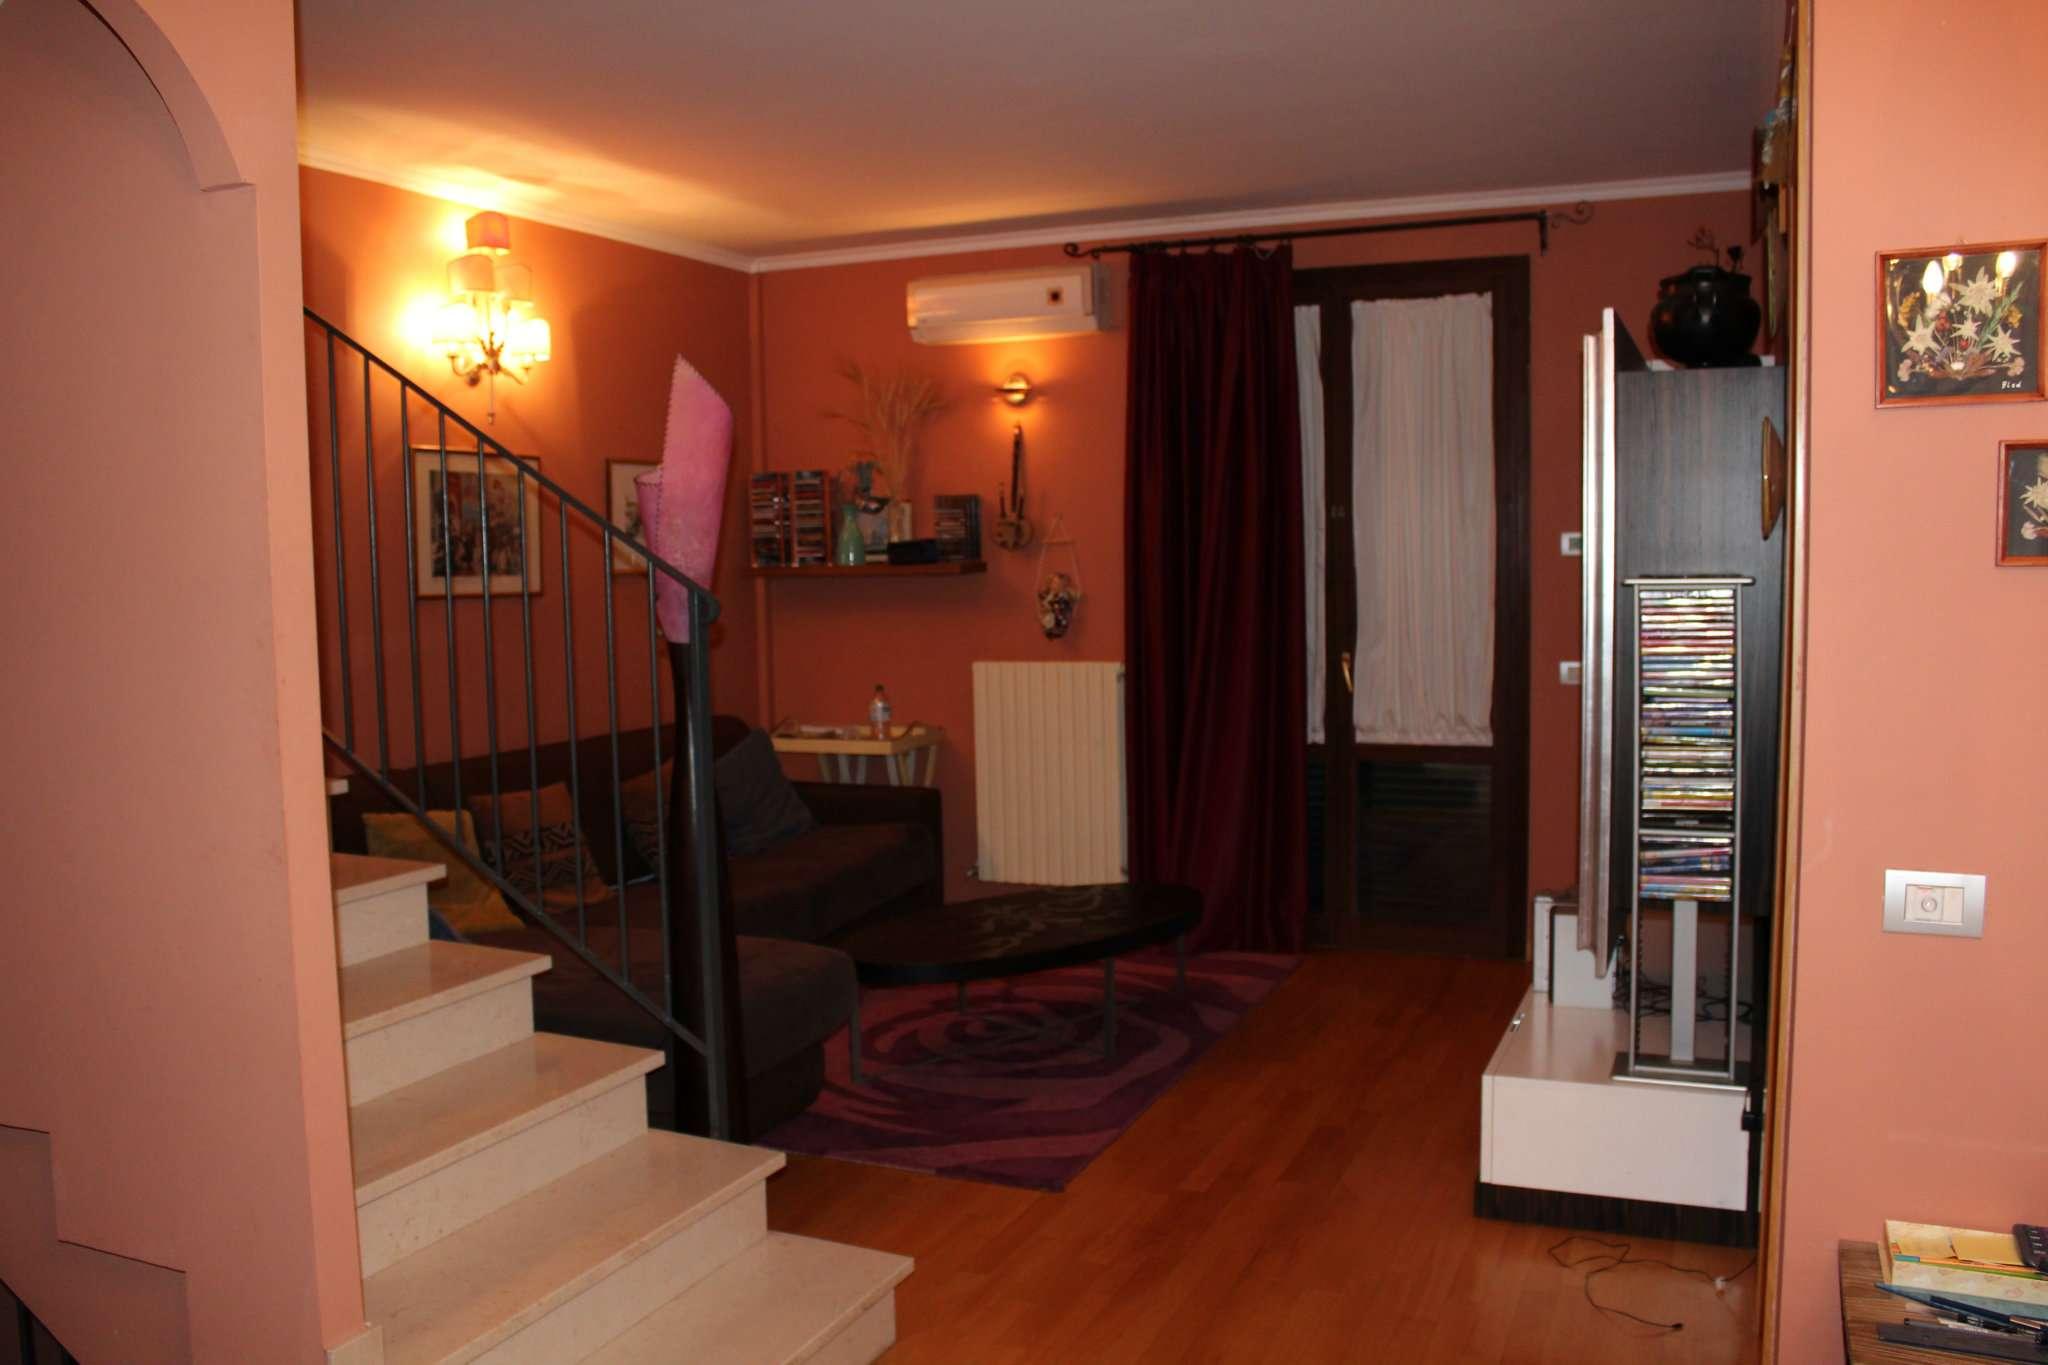 Appartamento in vendita a Tavullia, 7 locali, prezzo € 180.000 | Cambio Casa.it